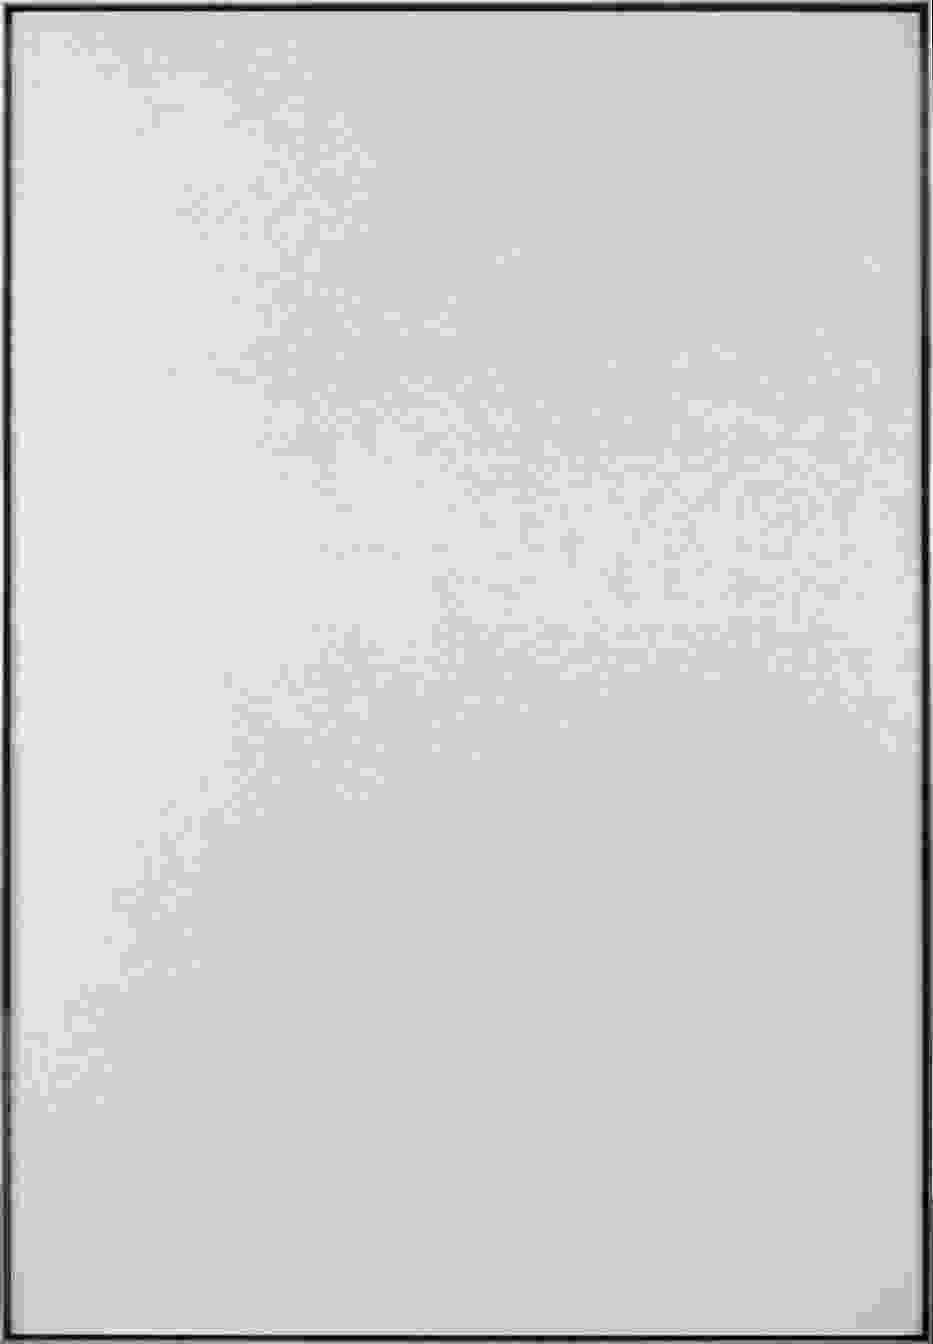 Obraz Romana Opałki sprzedany za dwa miliony złotych